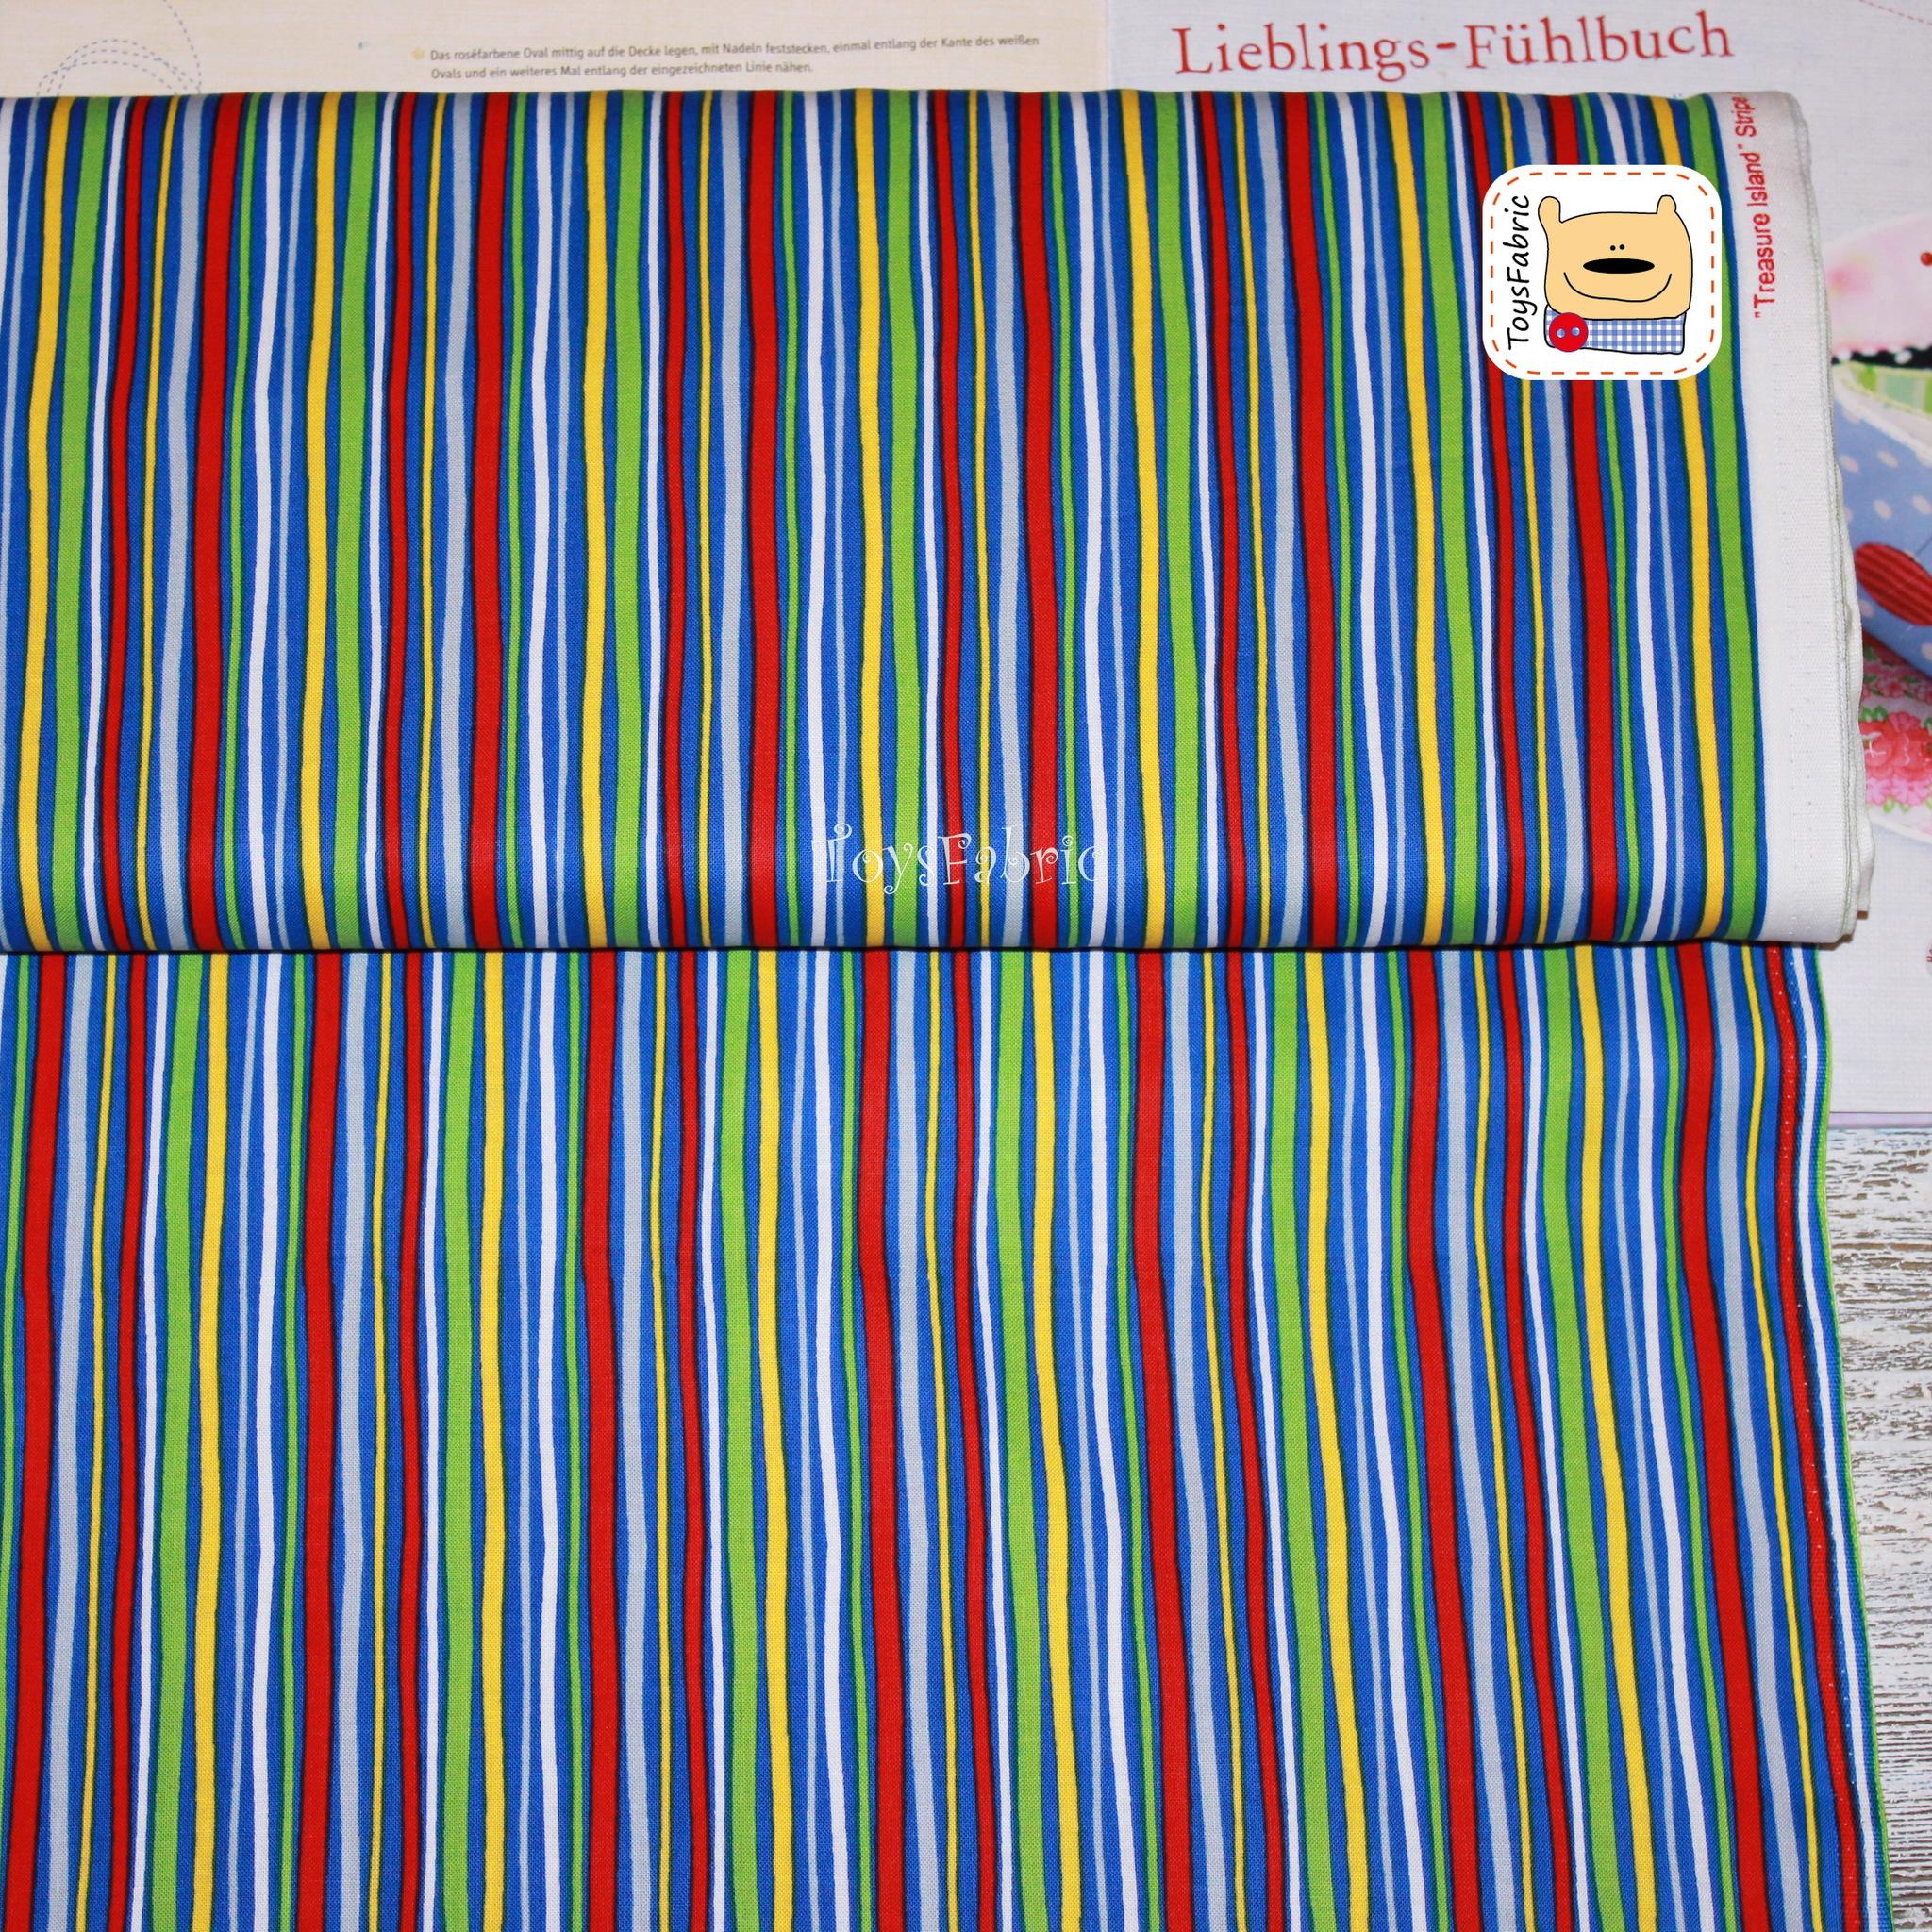 e856f61aeb8 Ткань для пэчворка 20792 (сине-цветная полоска) 45х55см - купить по ...